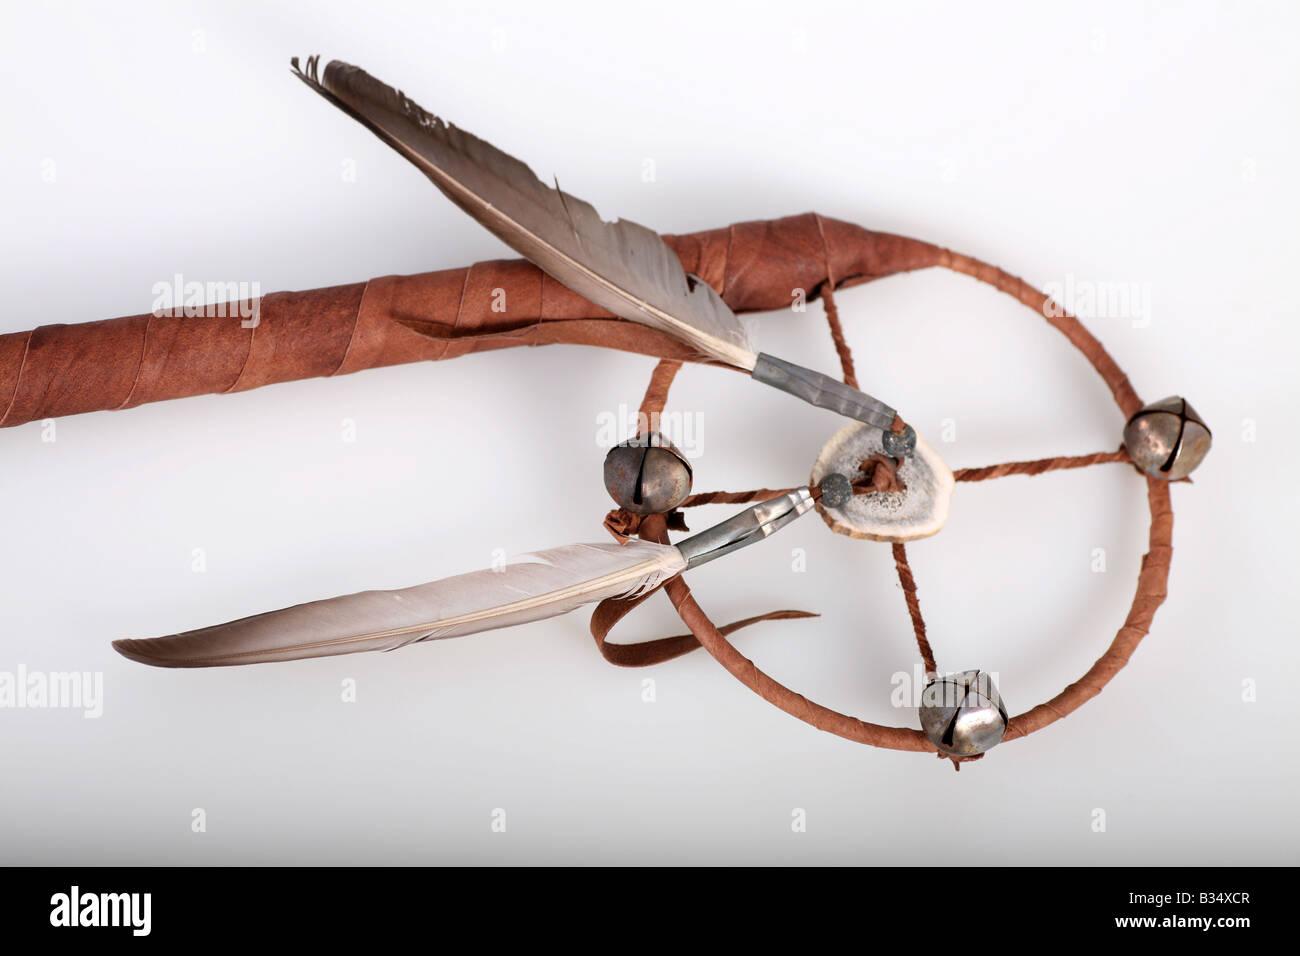 Native American Navajo Medicine Wheel On A White